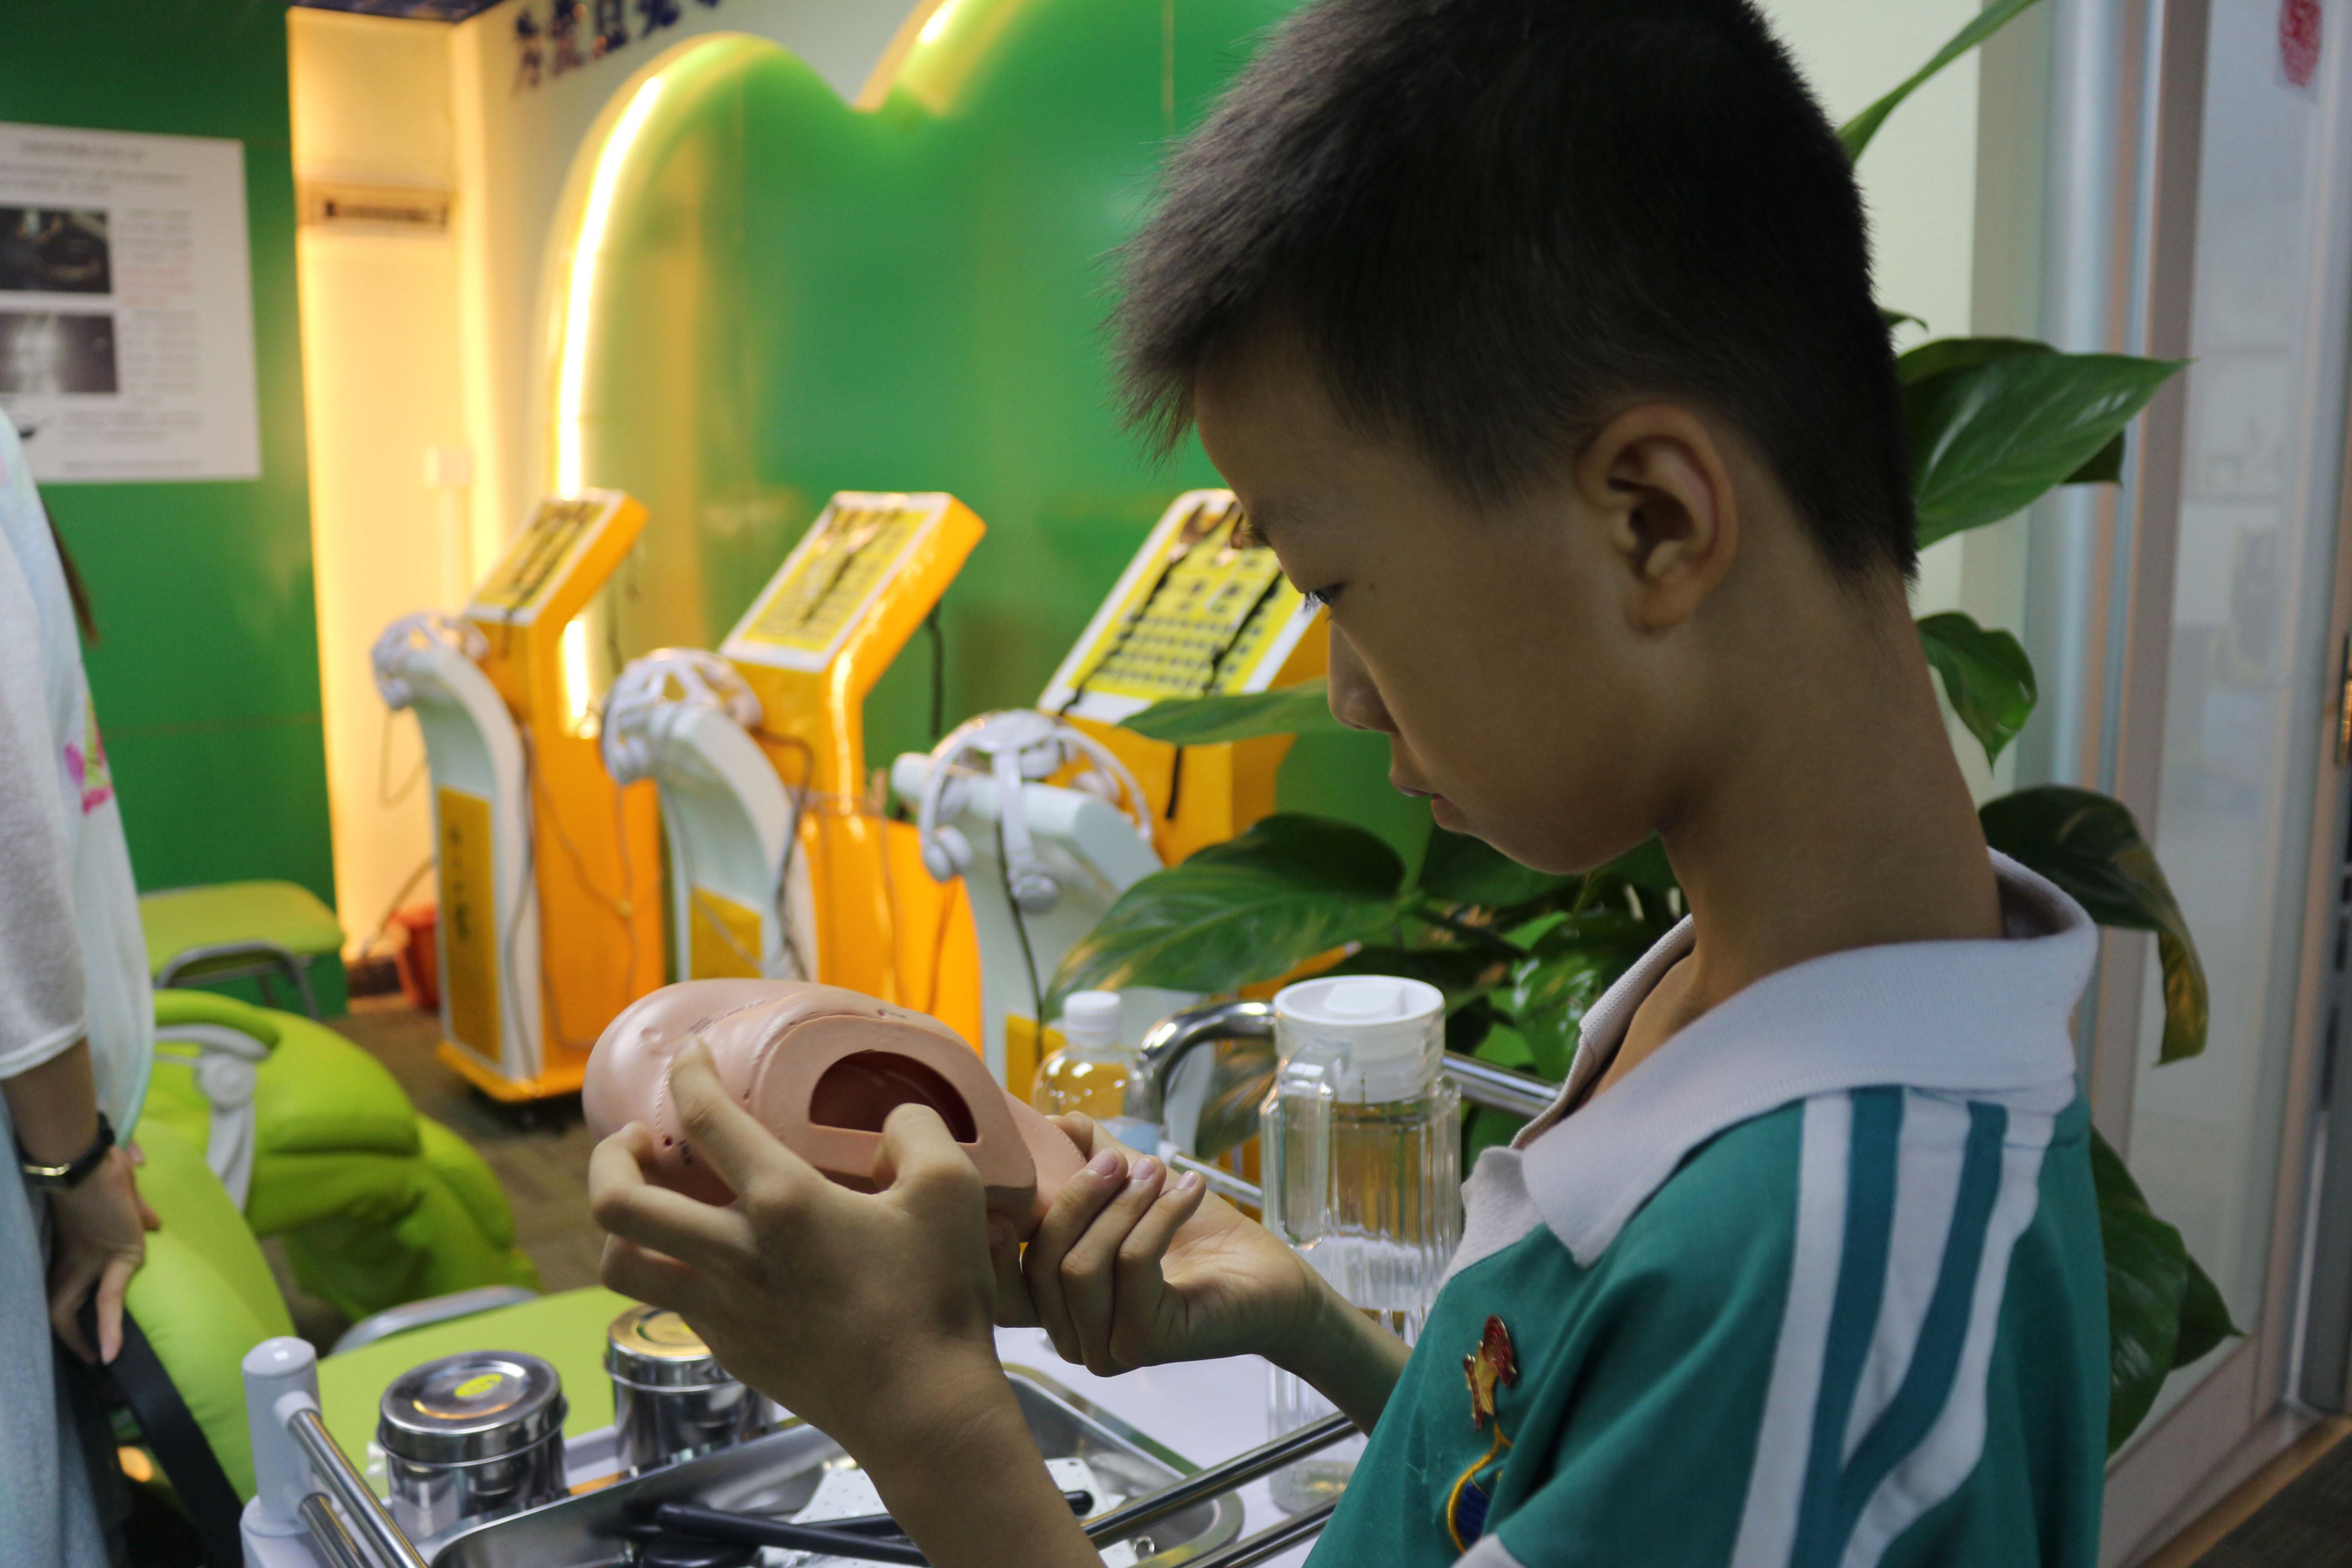 广州天河区一9岁男孩近视400度 妈妈:经常看电